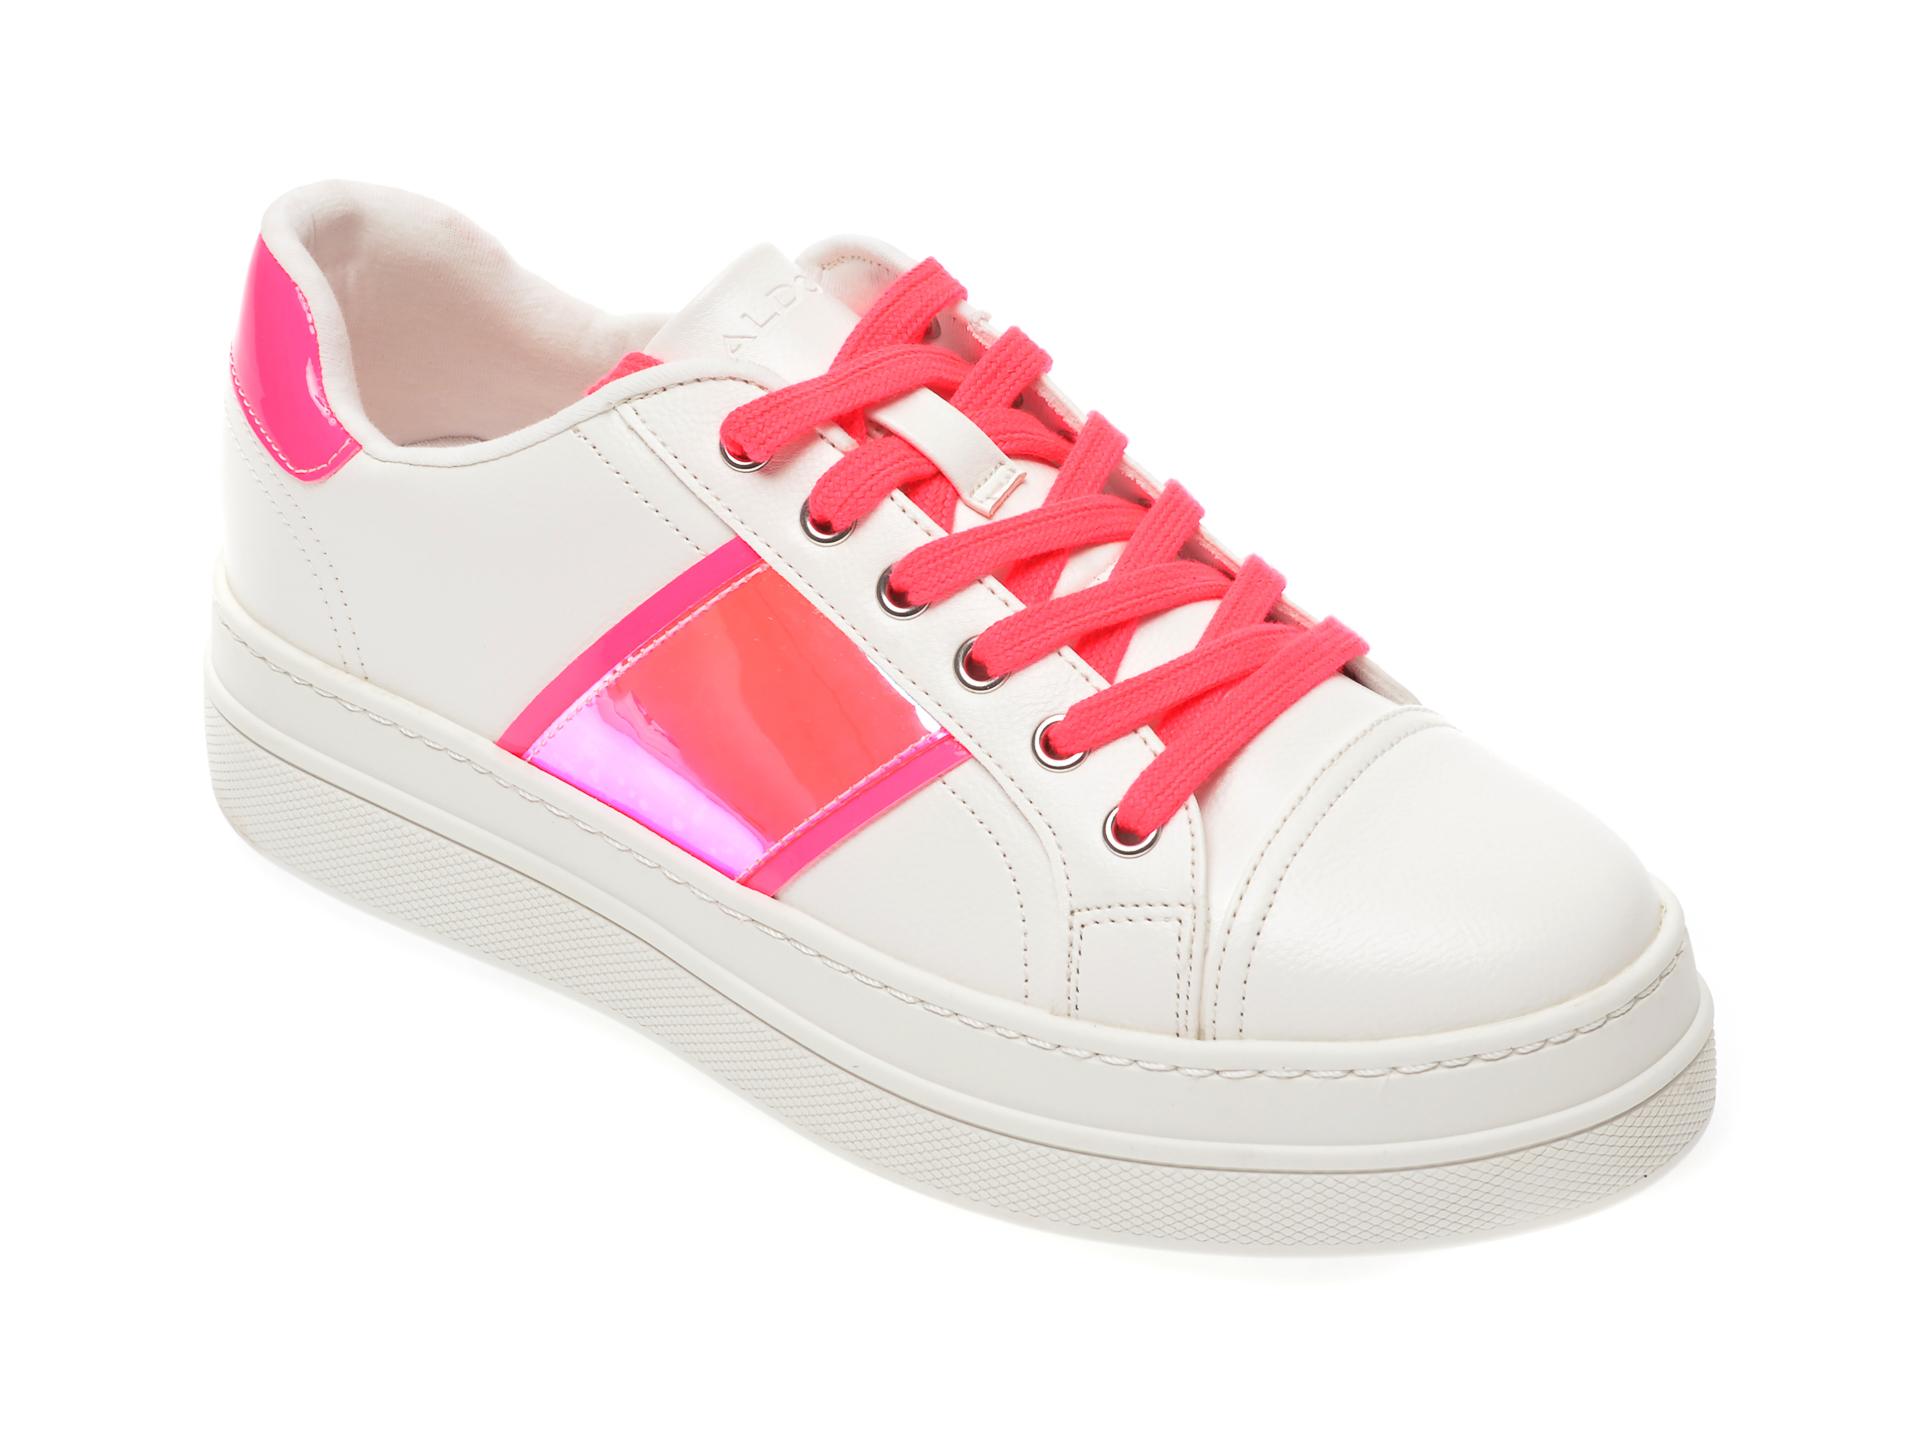 Pantofi sport ALDO albi, Starburst670, din piele ecologica imagine